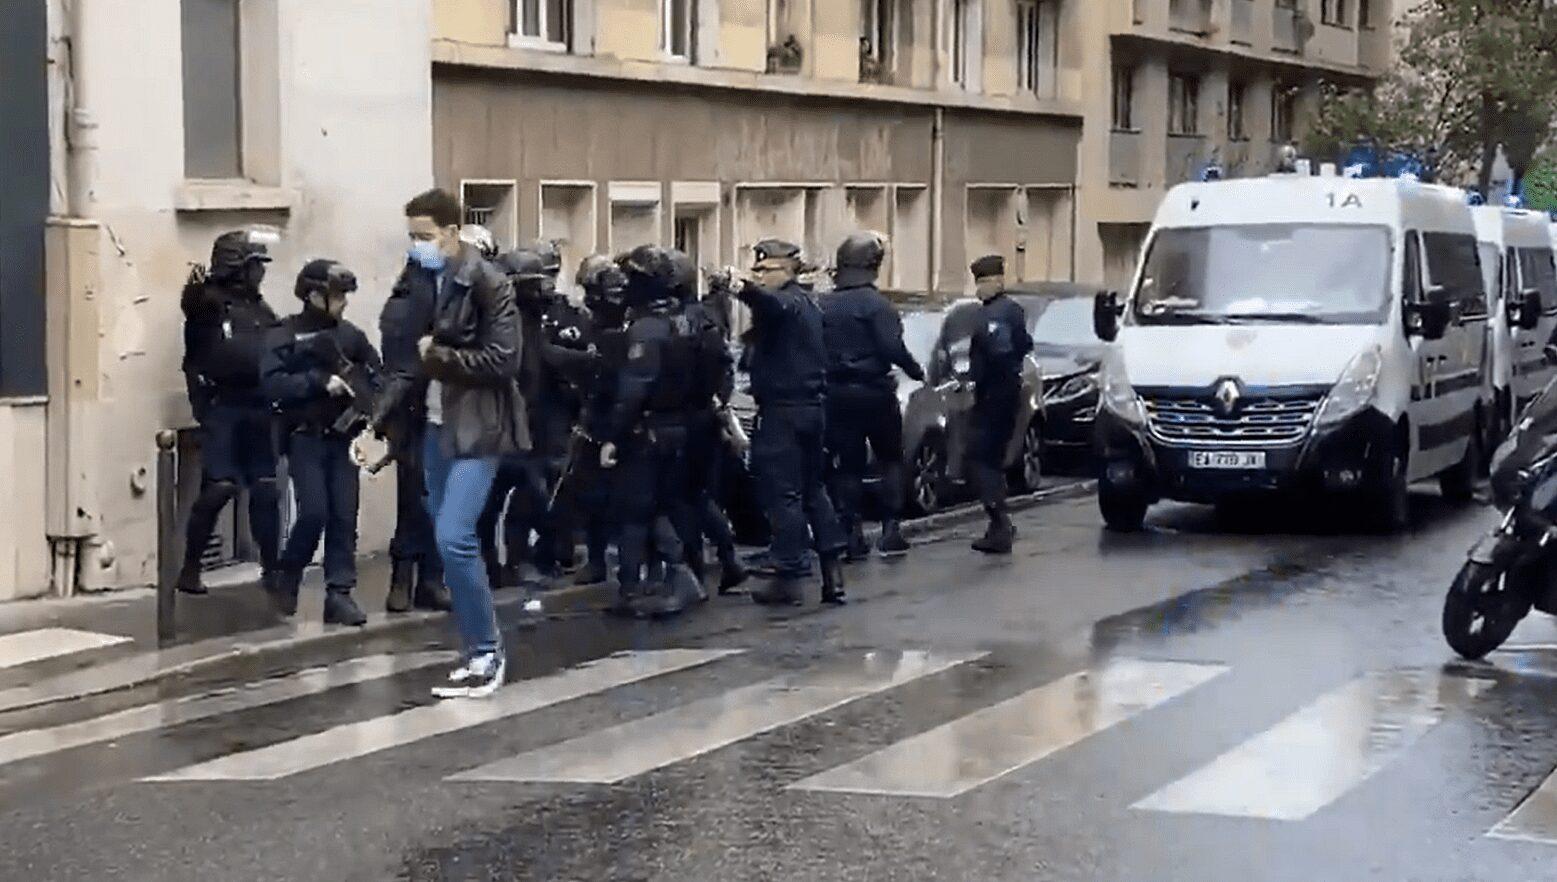 Ministro del Interior de Francia califica de atentado terrorista el ataque cerca de las antiguas oficinas de la revista Charlie Hebdo en París